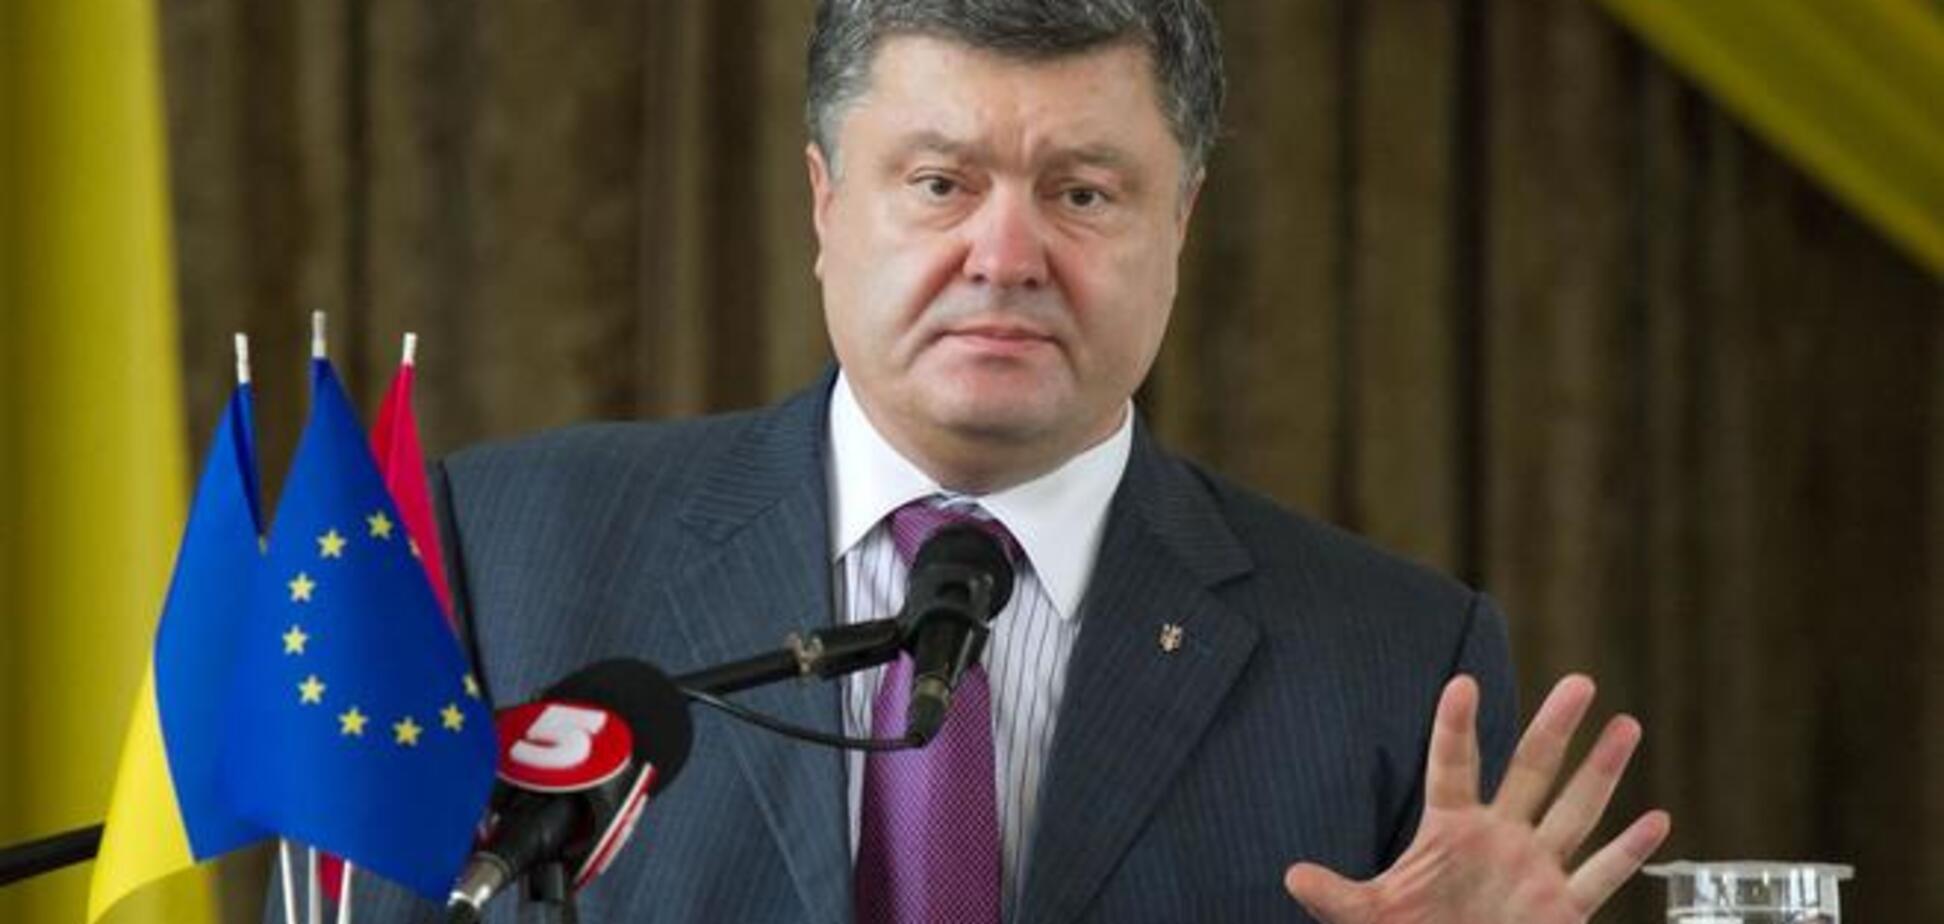 Порошенко: более 250 км границы возвращены под контроль Украины